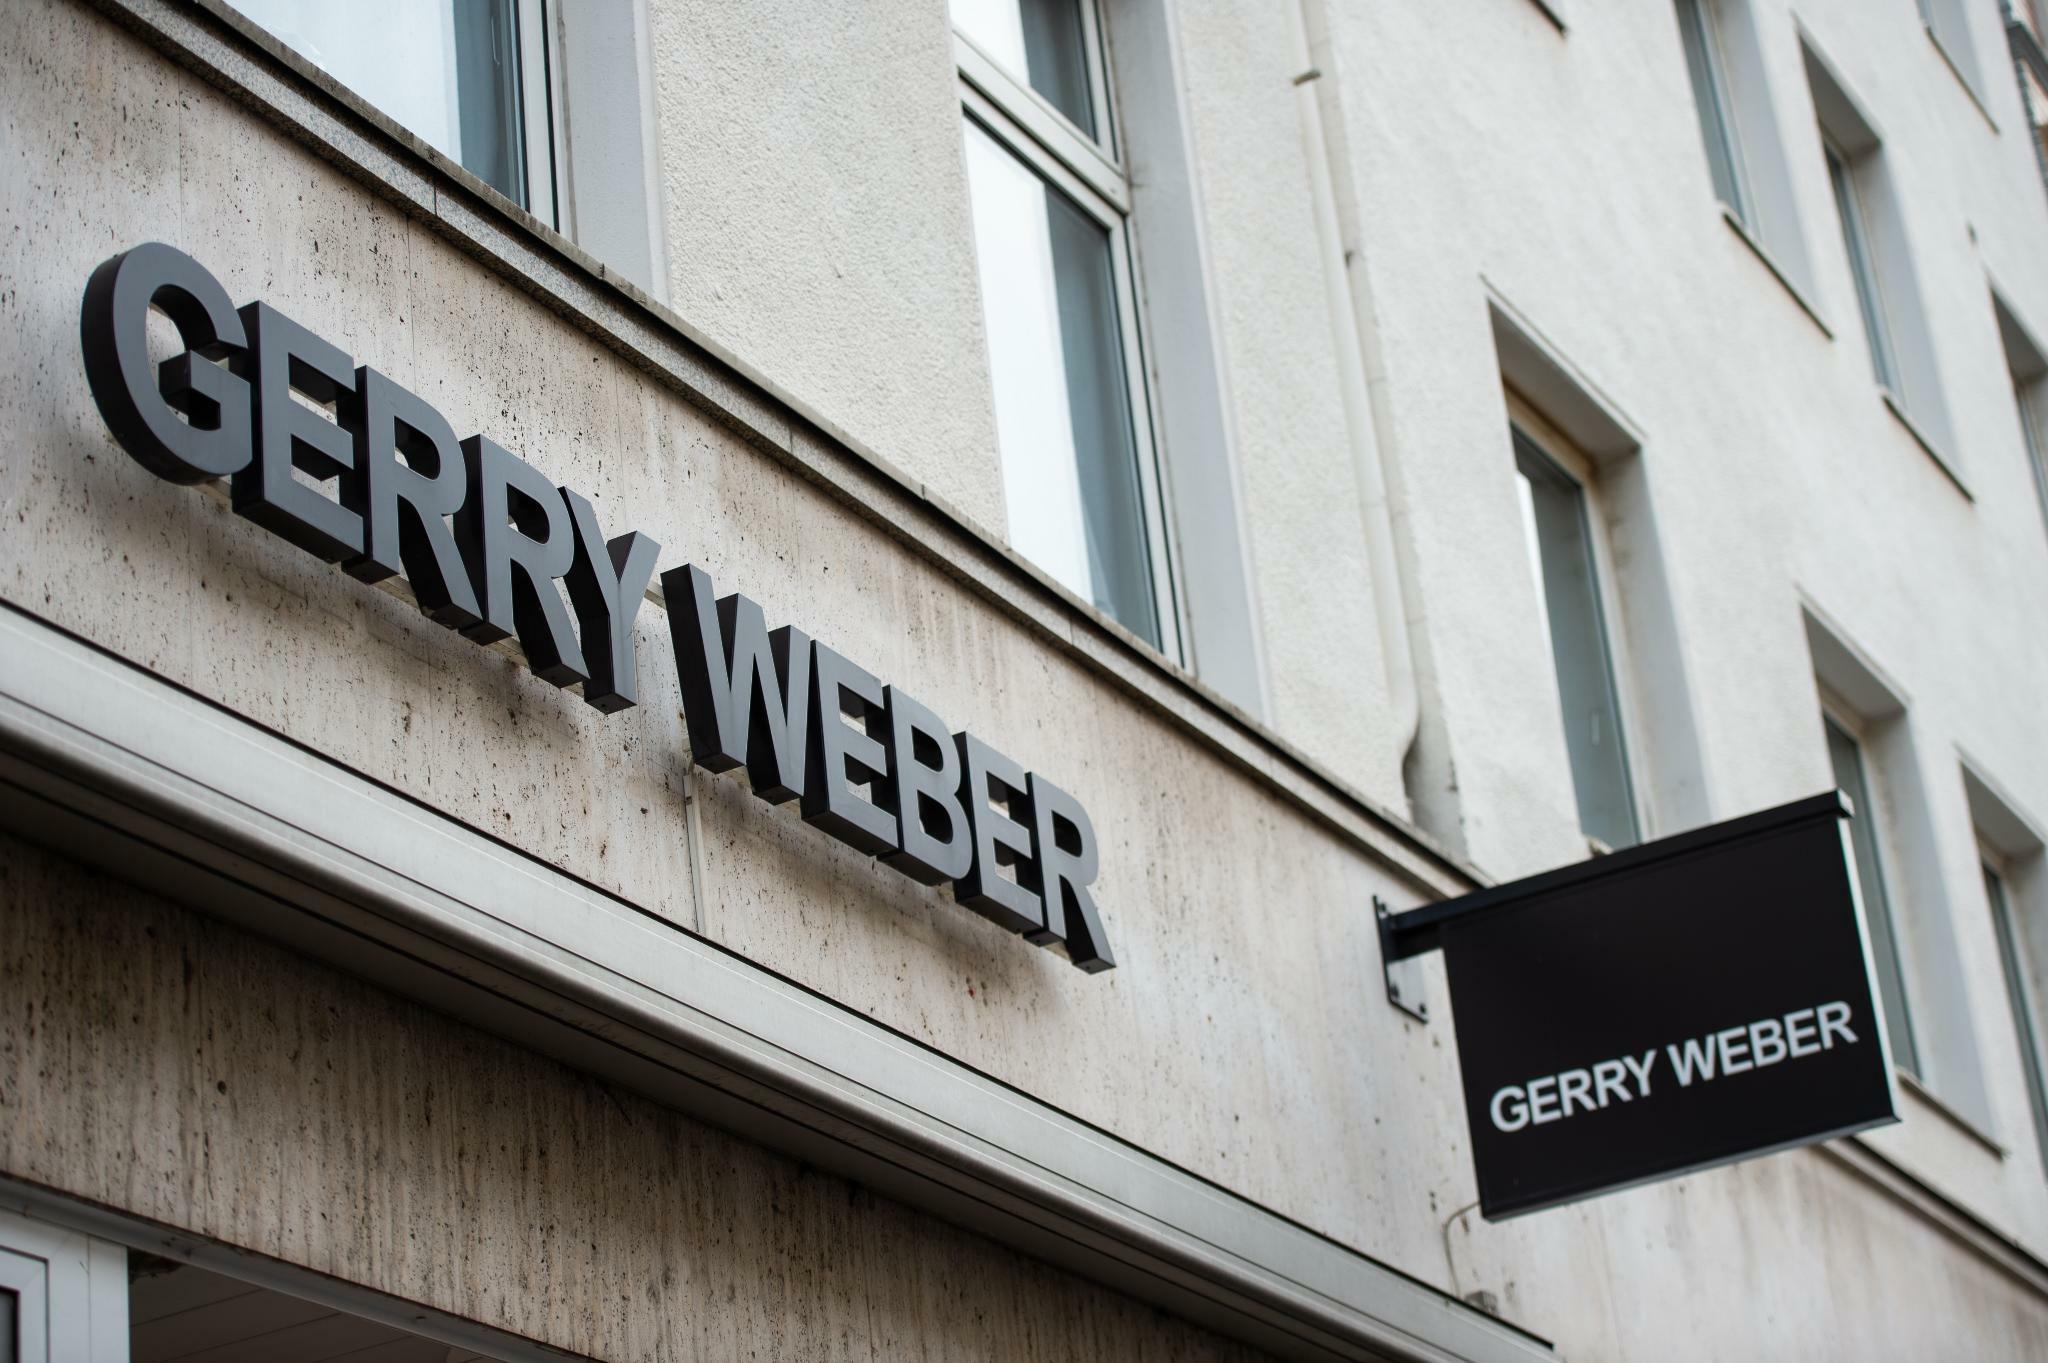 Anzeige wegen Verdacht auf Insiderhandel mit Gerry-Weber-Aktie